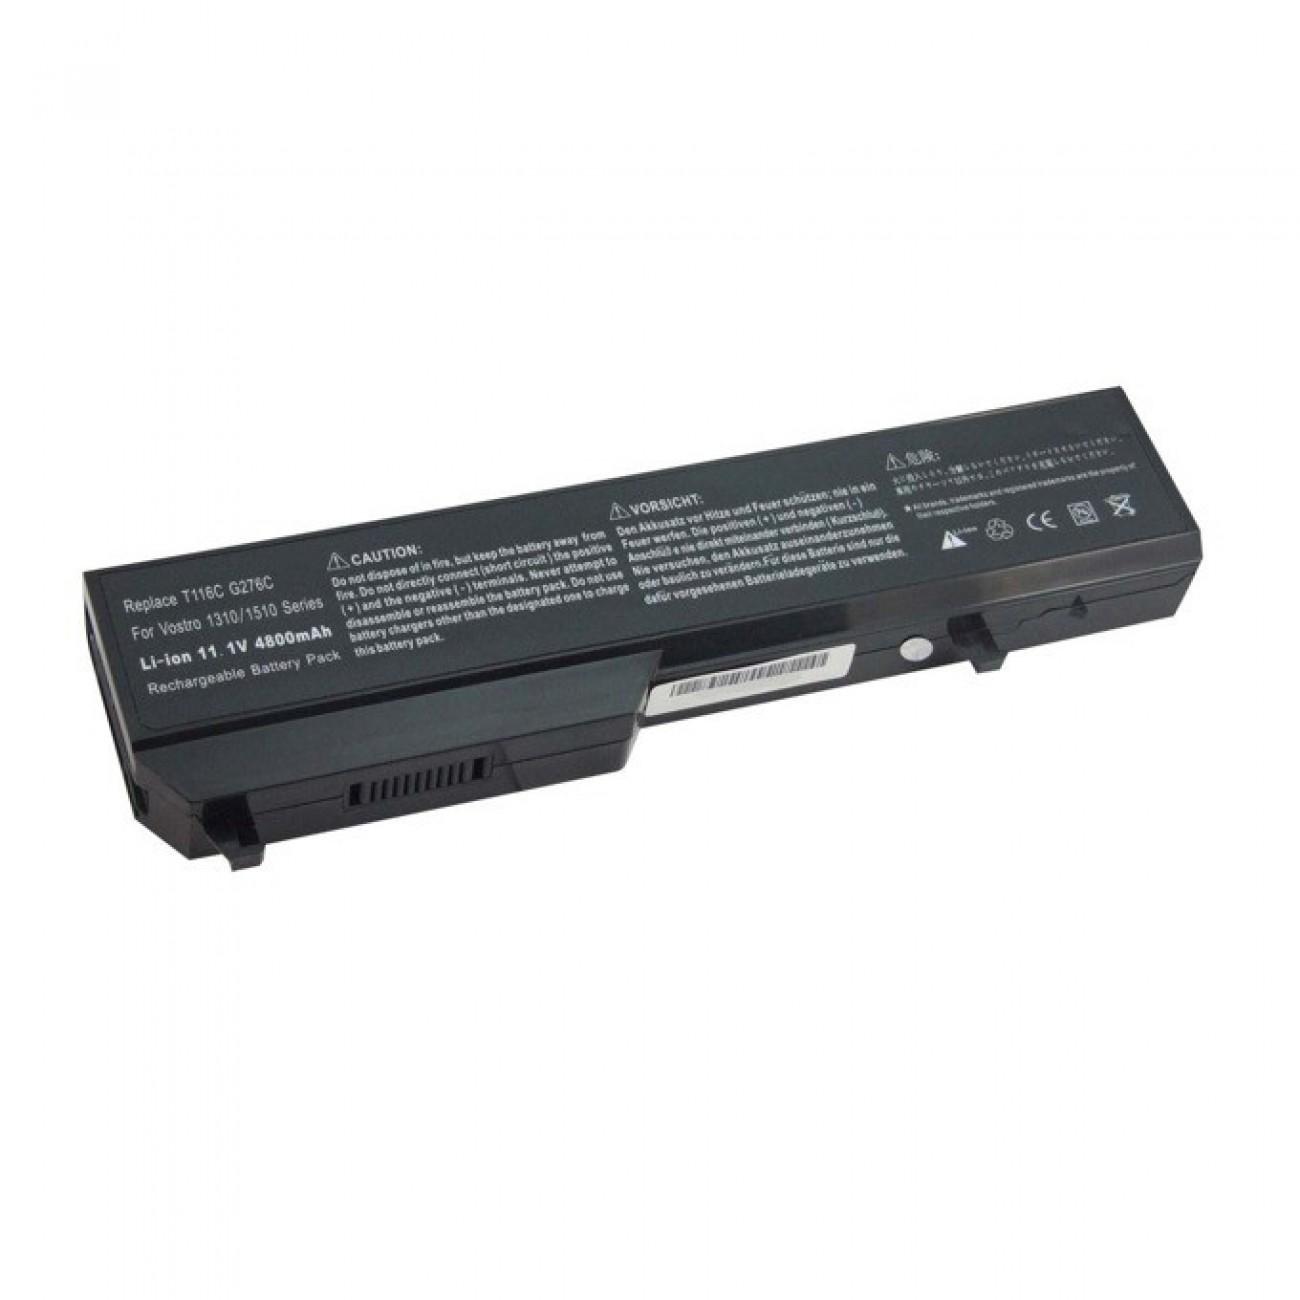 Батерия (заместител) за Dell Vostro 1310, съвместима с 1320/1510/2510, 6cell, 11.1V, 5200mAh в Батерии за Лаптоп - Noname | Alleop